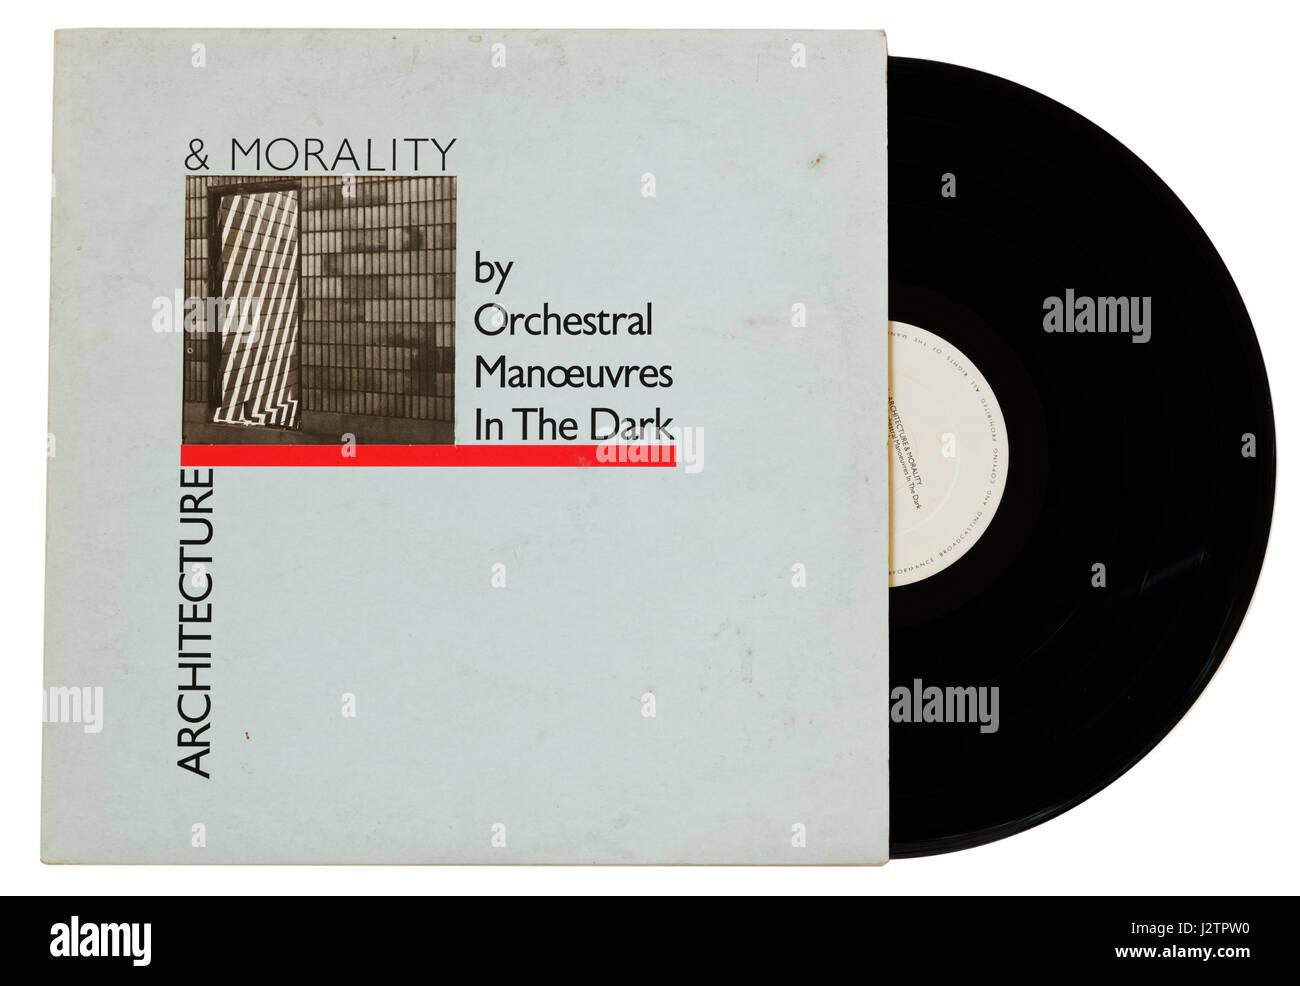 Maniobras orquestales en la oscuridad álbum Arquitectura y moralidad en vinilo Imagen De Stock